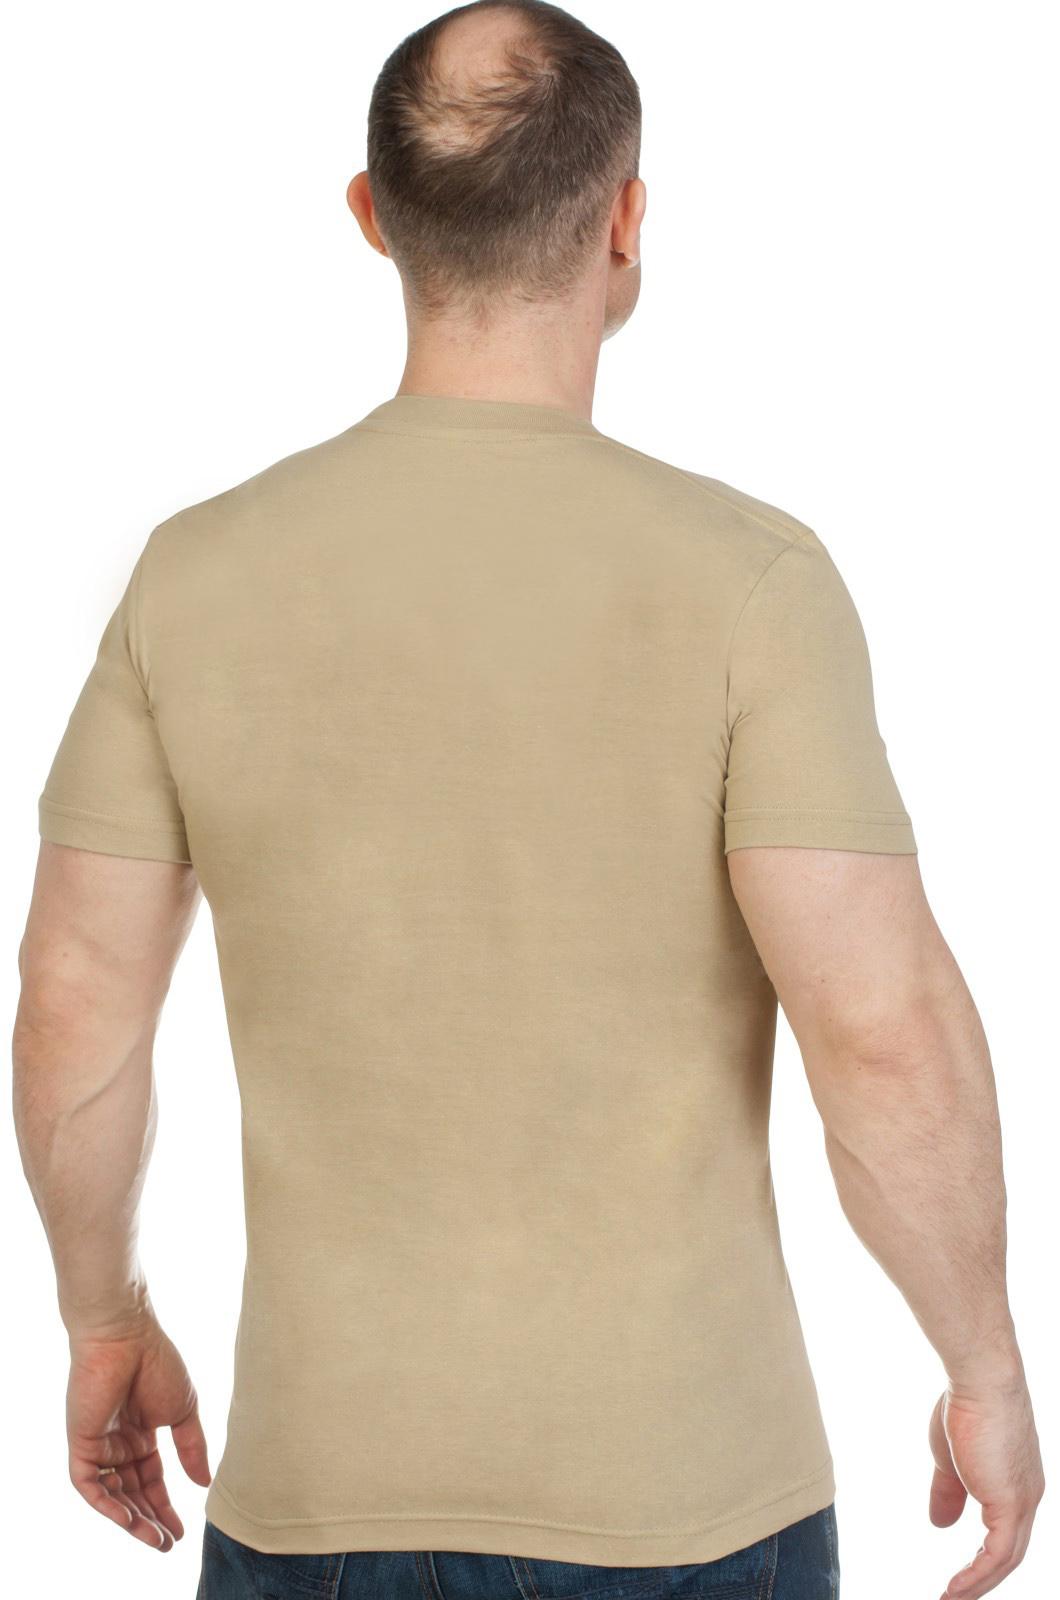 Оригинальная мужская футболка с вышивкой Герб России - купить онлайн